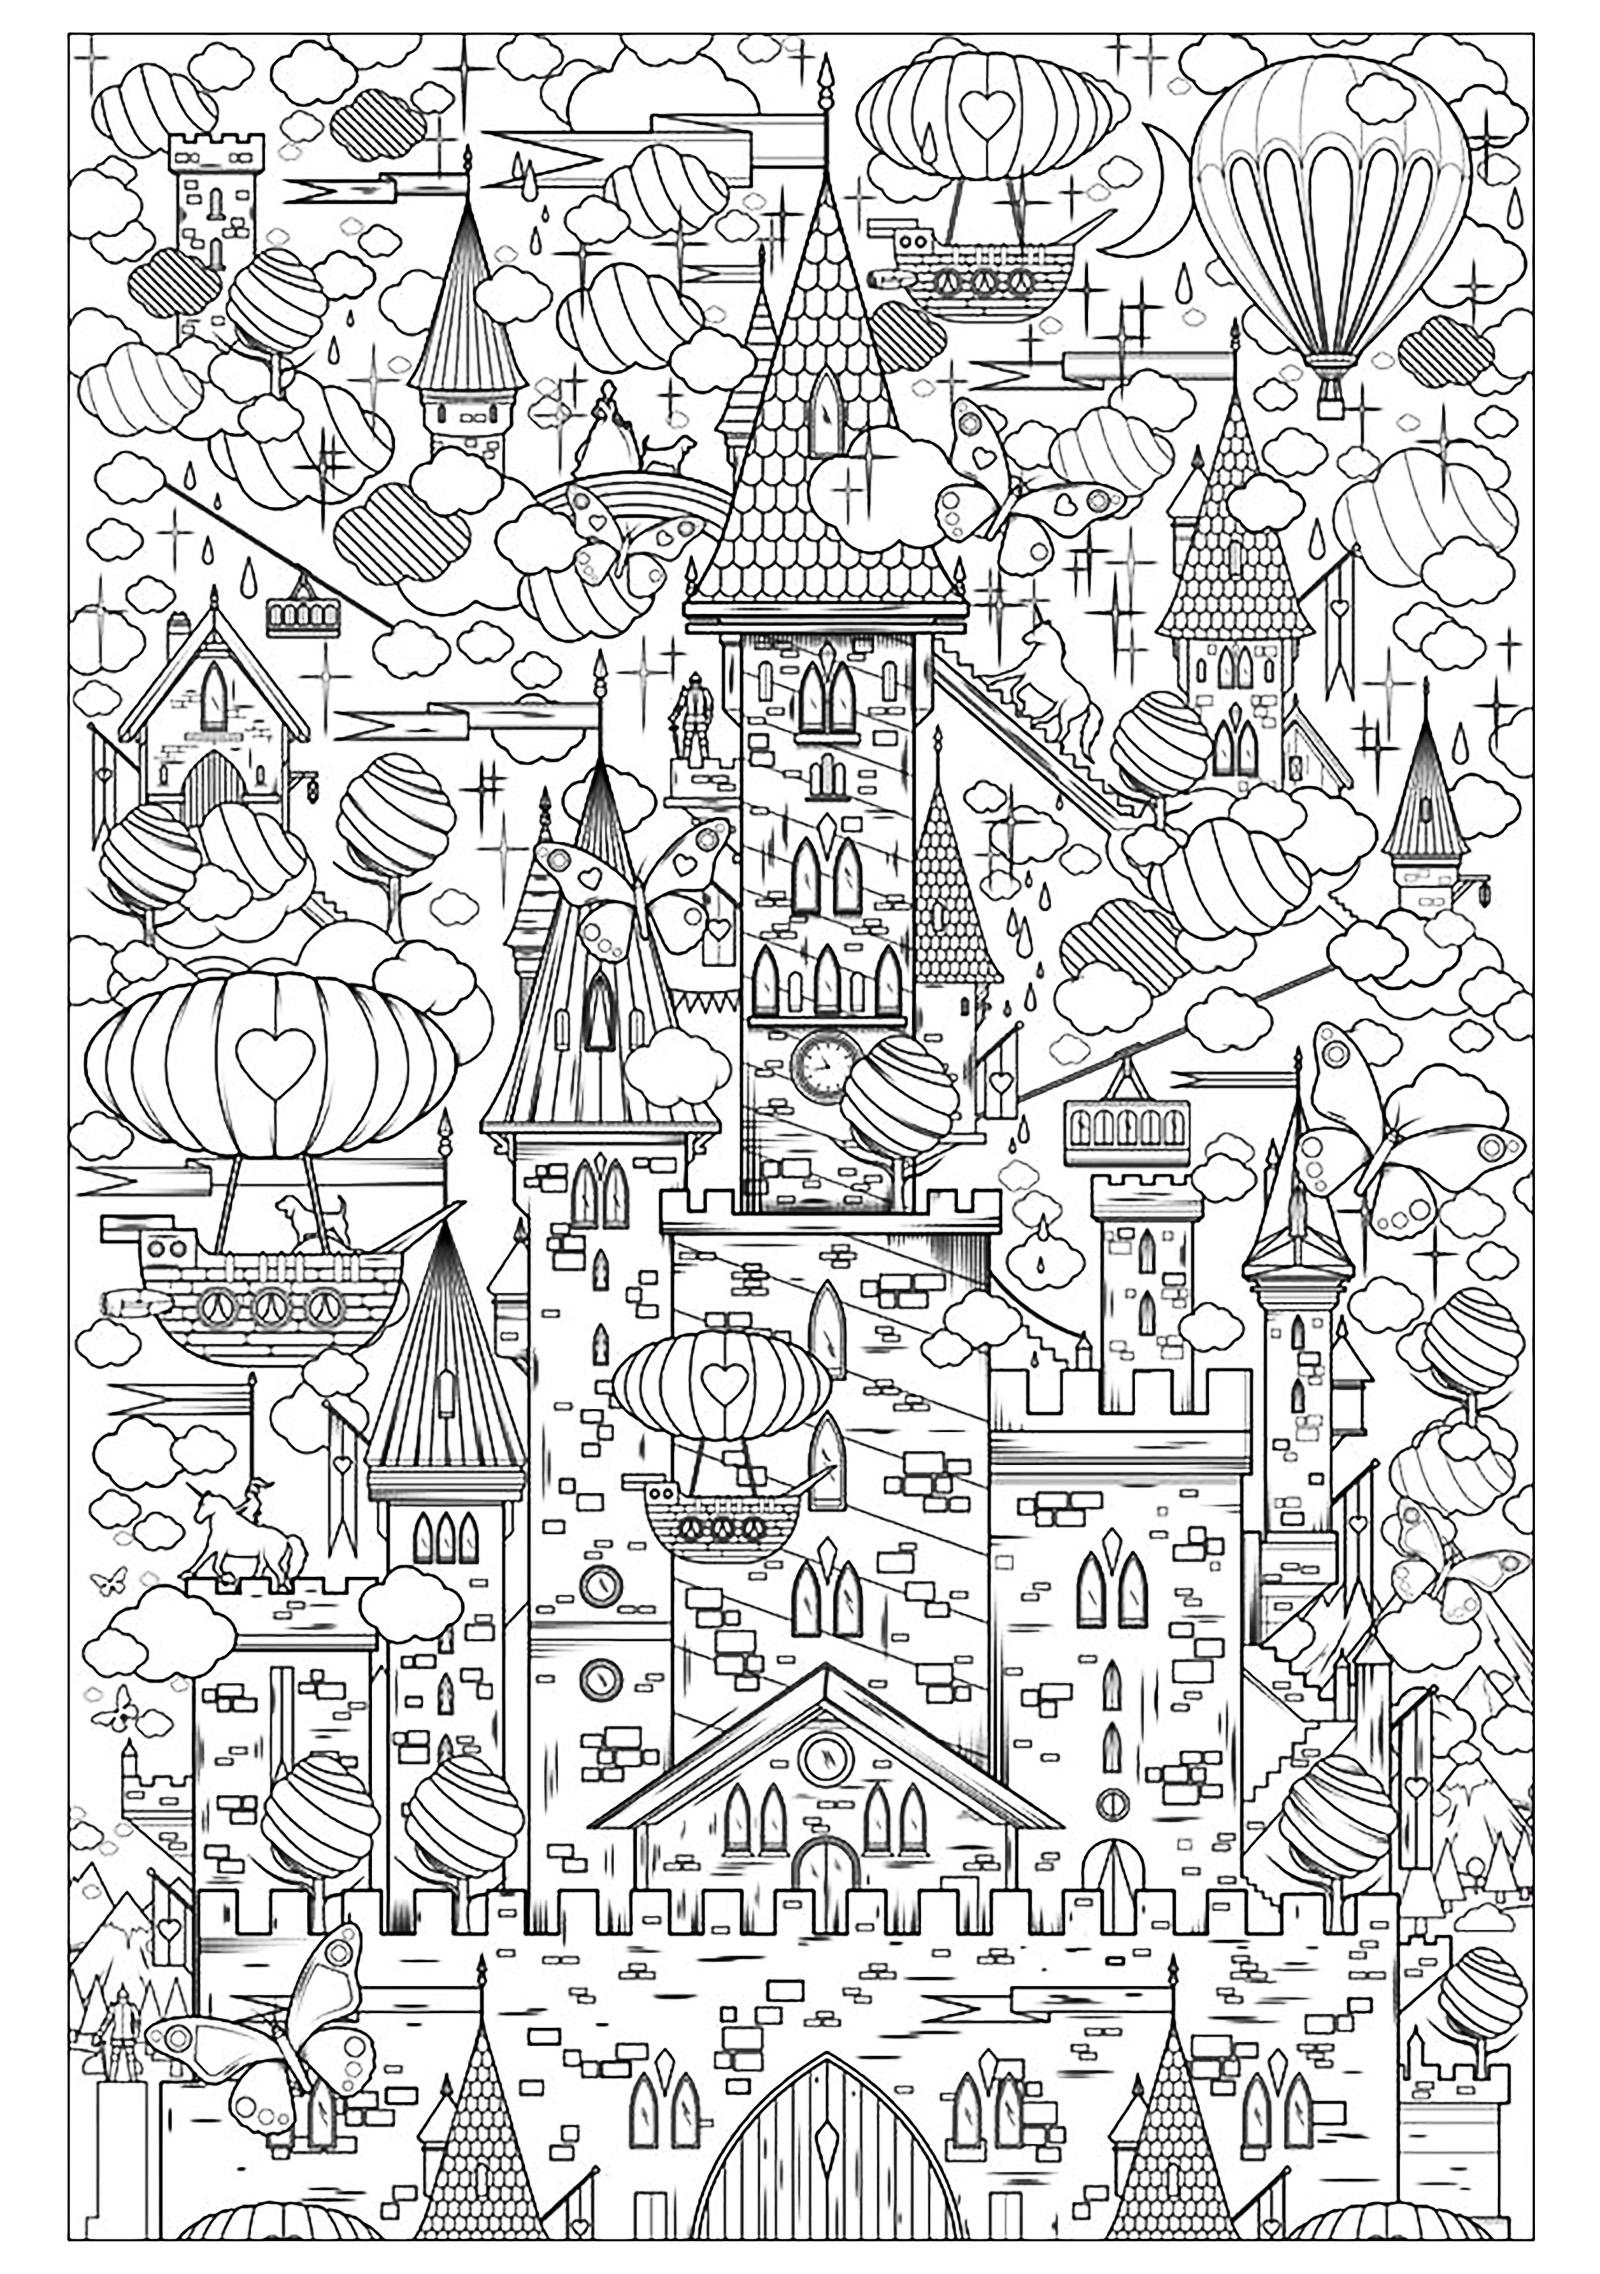 Disegni da colorare per adulti : Architettura & casa - 47